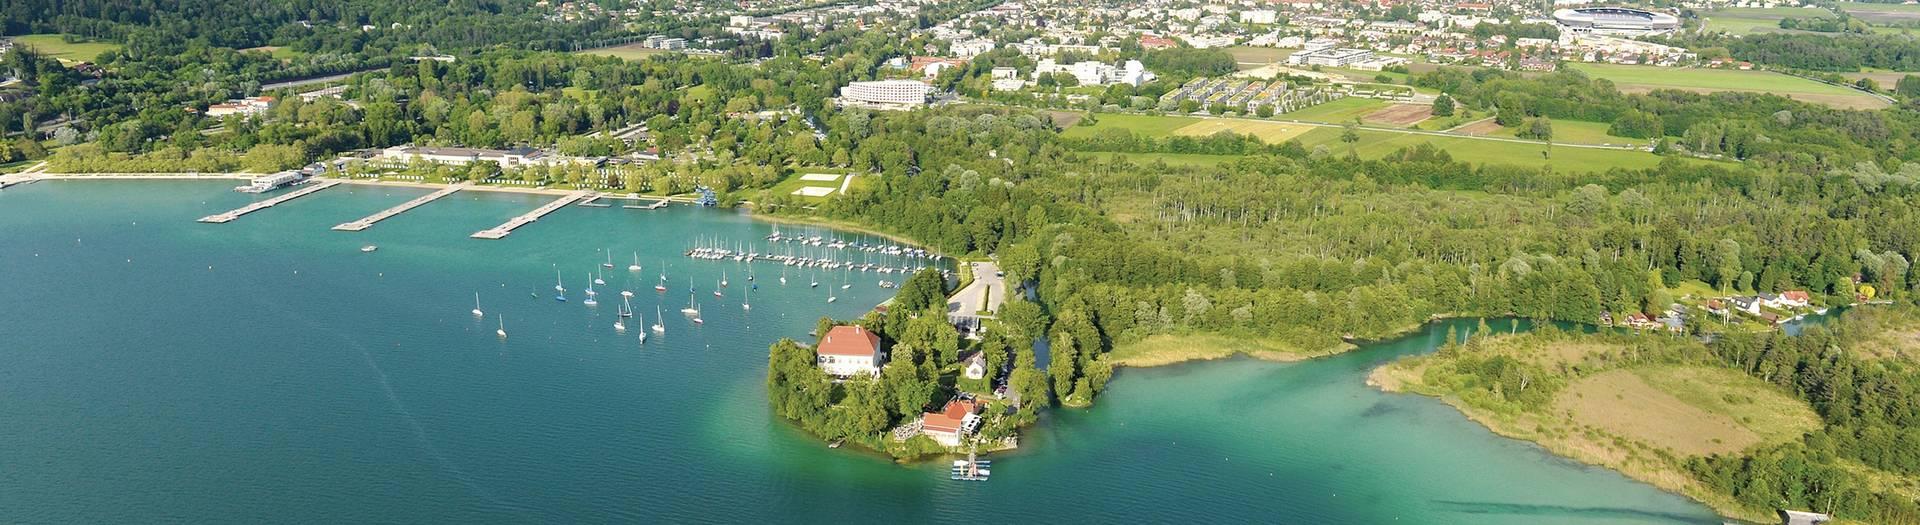 Klagenfurt Luftaufnahme quer